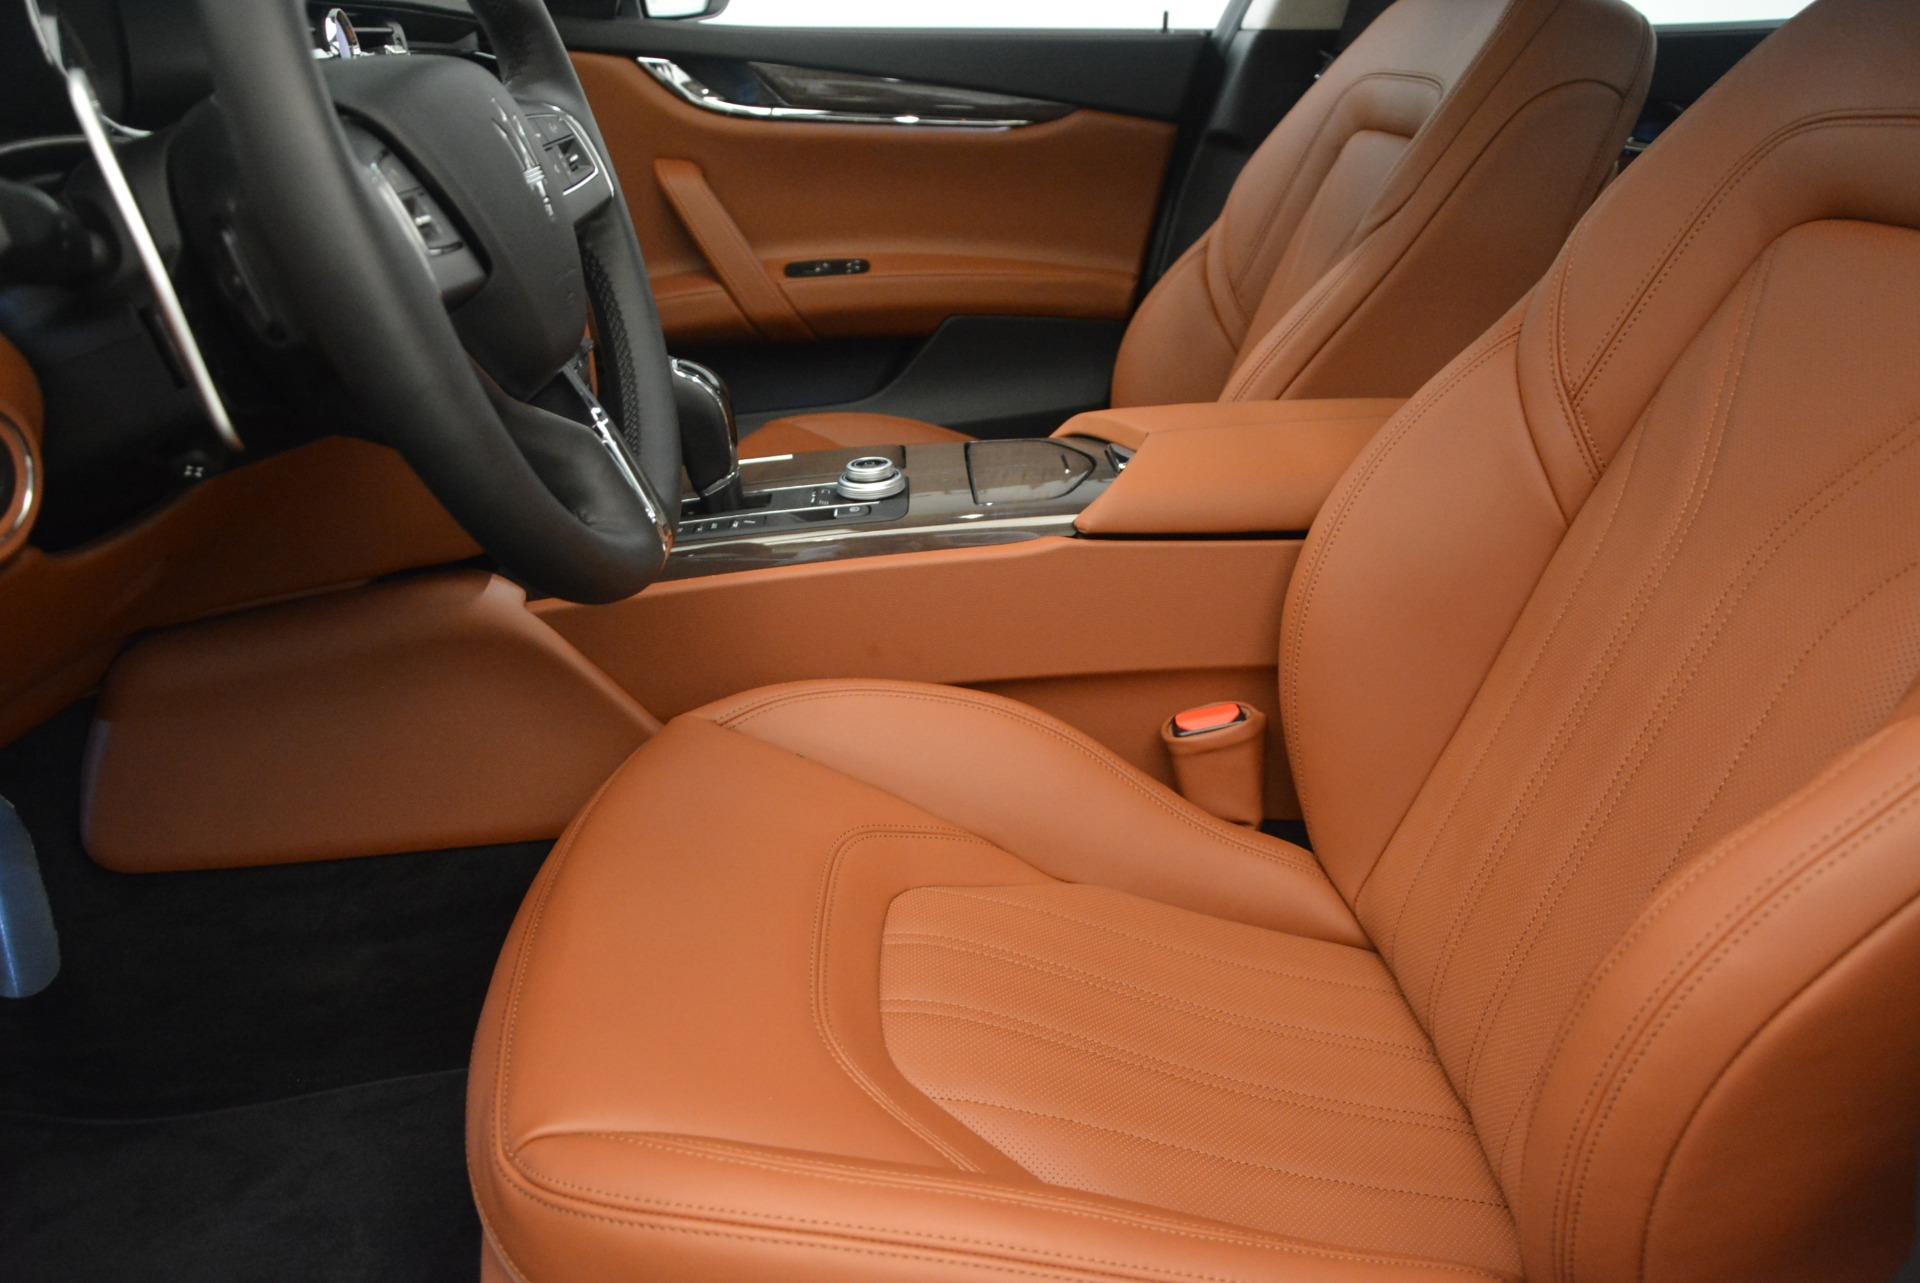 Used 2018 Maserati Quattroporte S Q4 GranLusso For Sale In Westport, CT 1572_p14